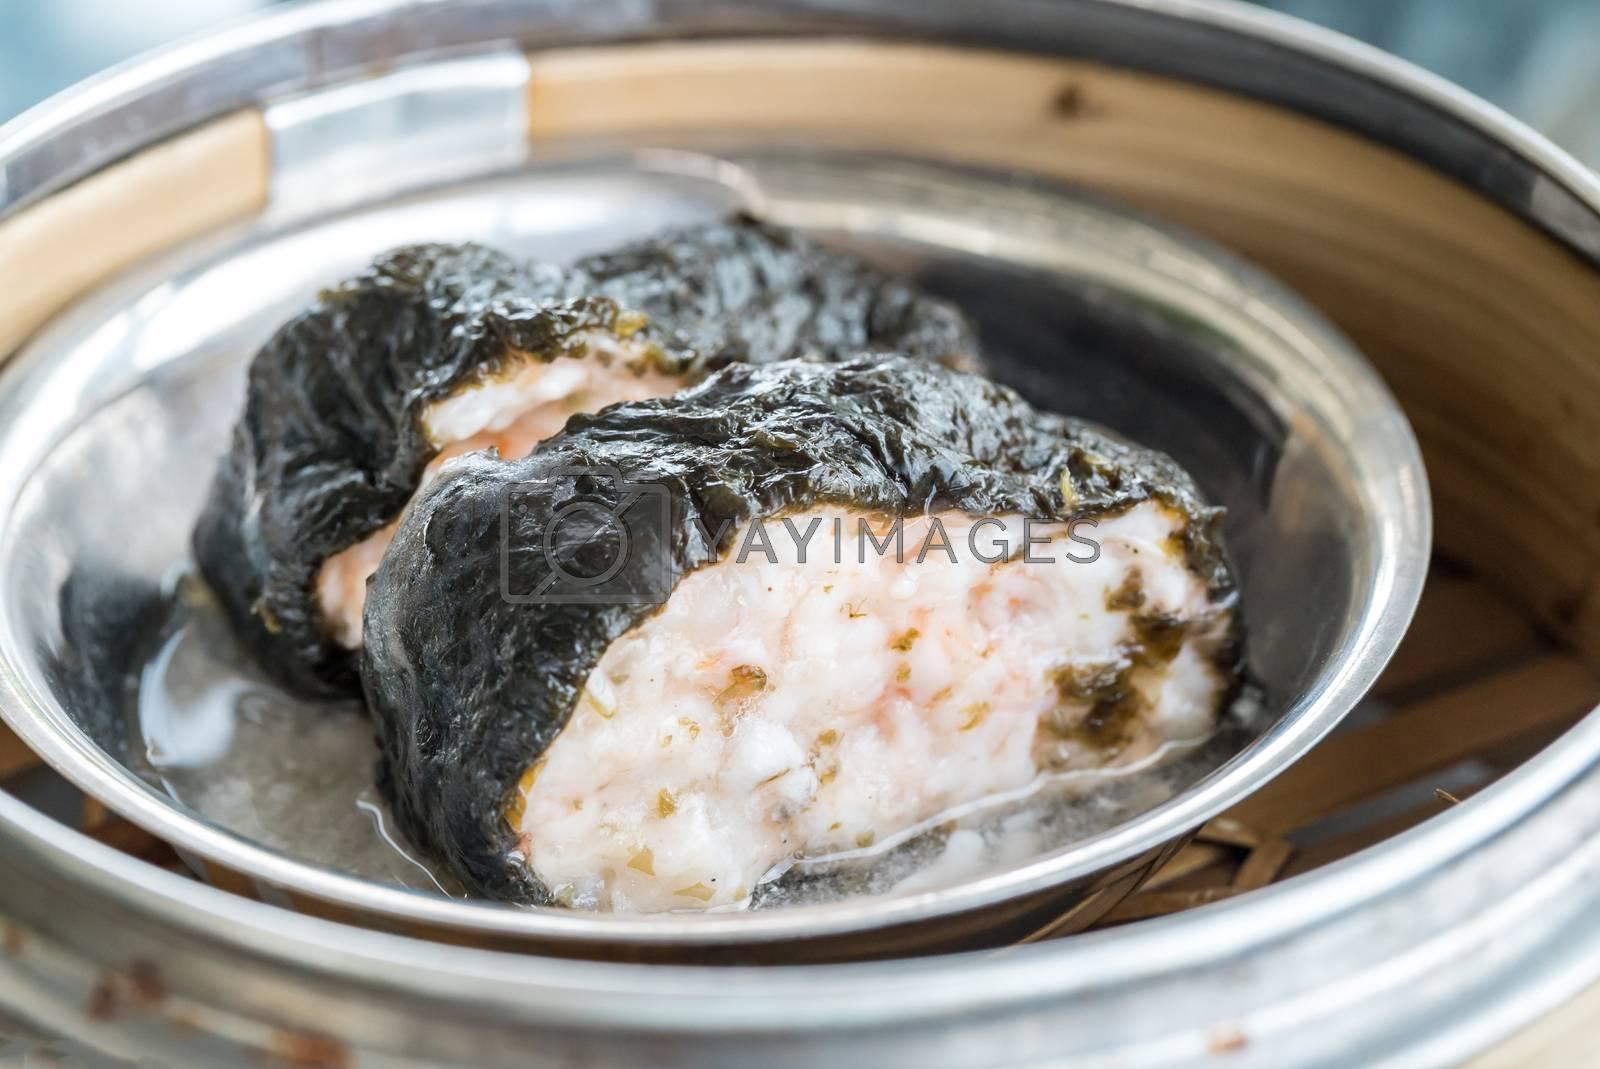 Chinese dim sum seaweed pork dumpling - Steamed Chinese groumet cuisine